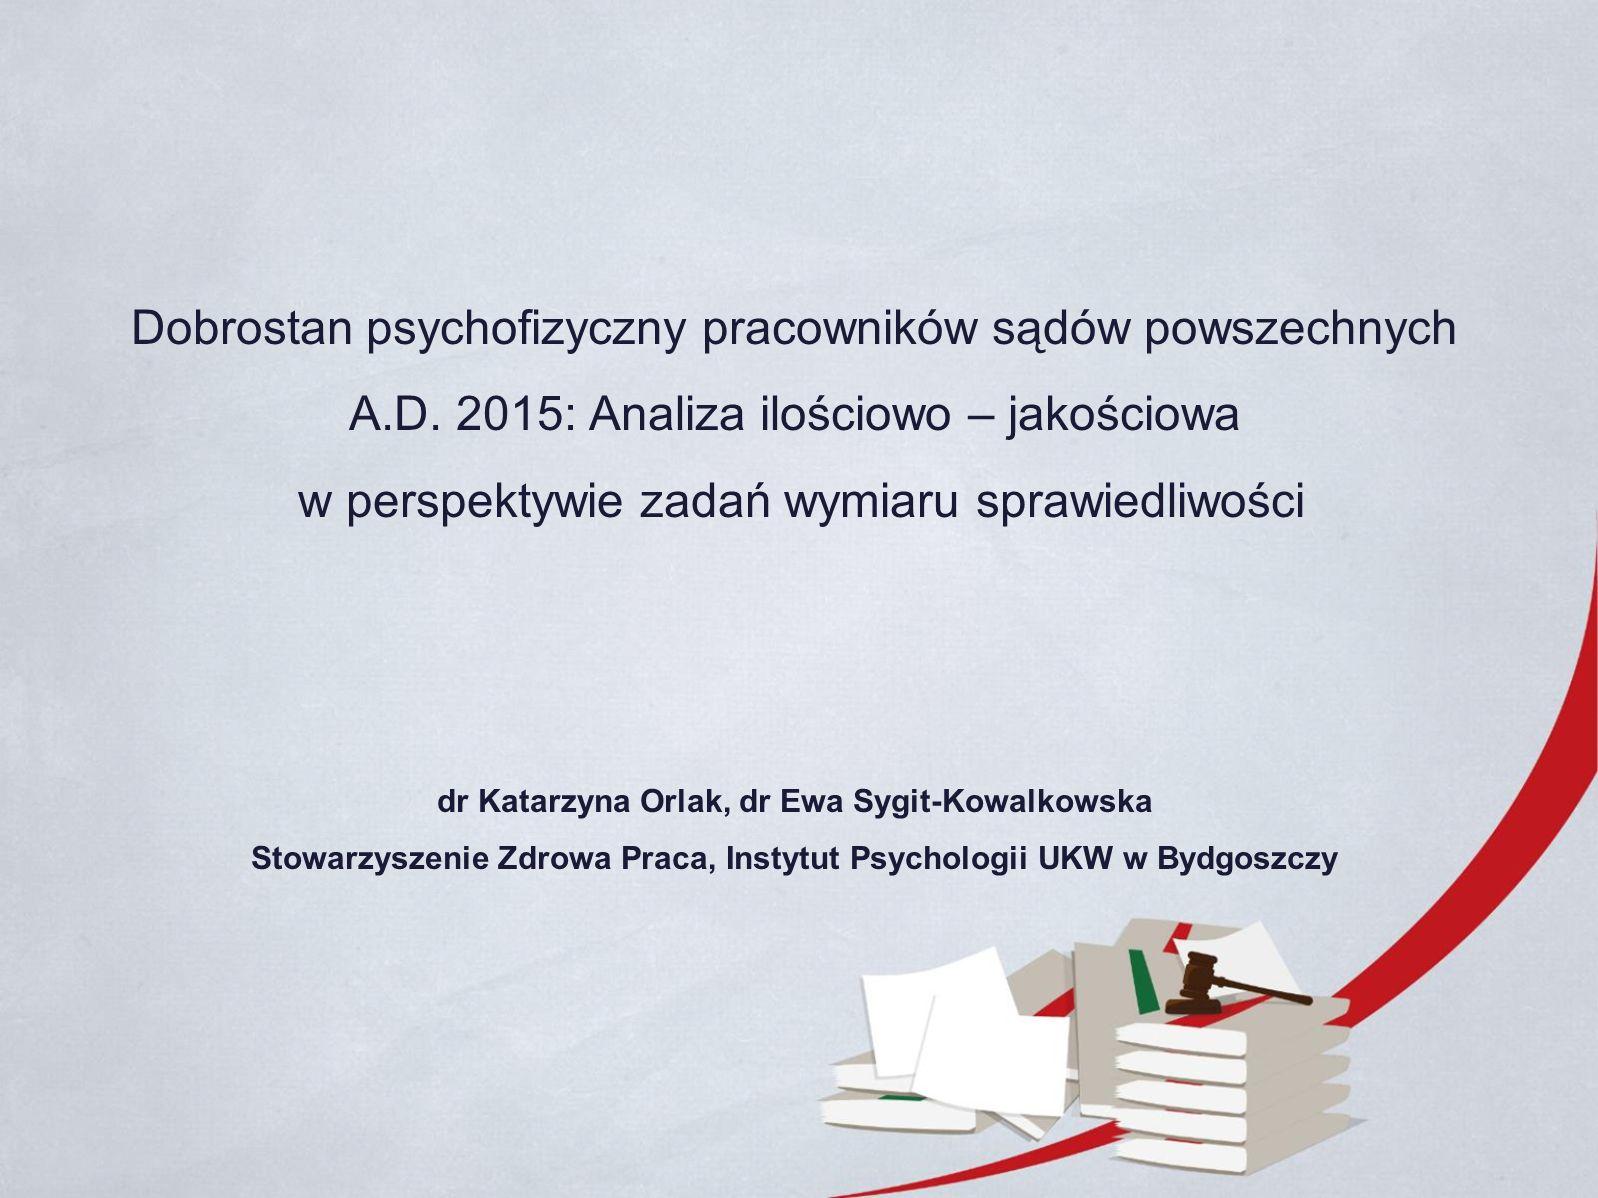 ROZUMIENIE POJĘCIA ZDROWIA WEDŁUG ŚWIATOWEJ ORGANIZACJI ZDROWIA (NAGASE, 2012) Dobrostan psychiczny Dobrostan fizyczny Dobrostan społeczny Dobrostan duchowy